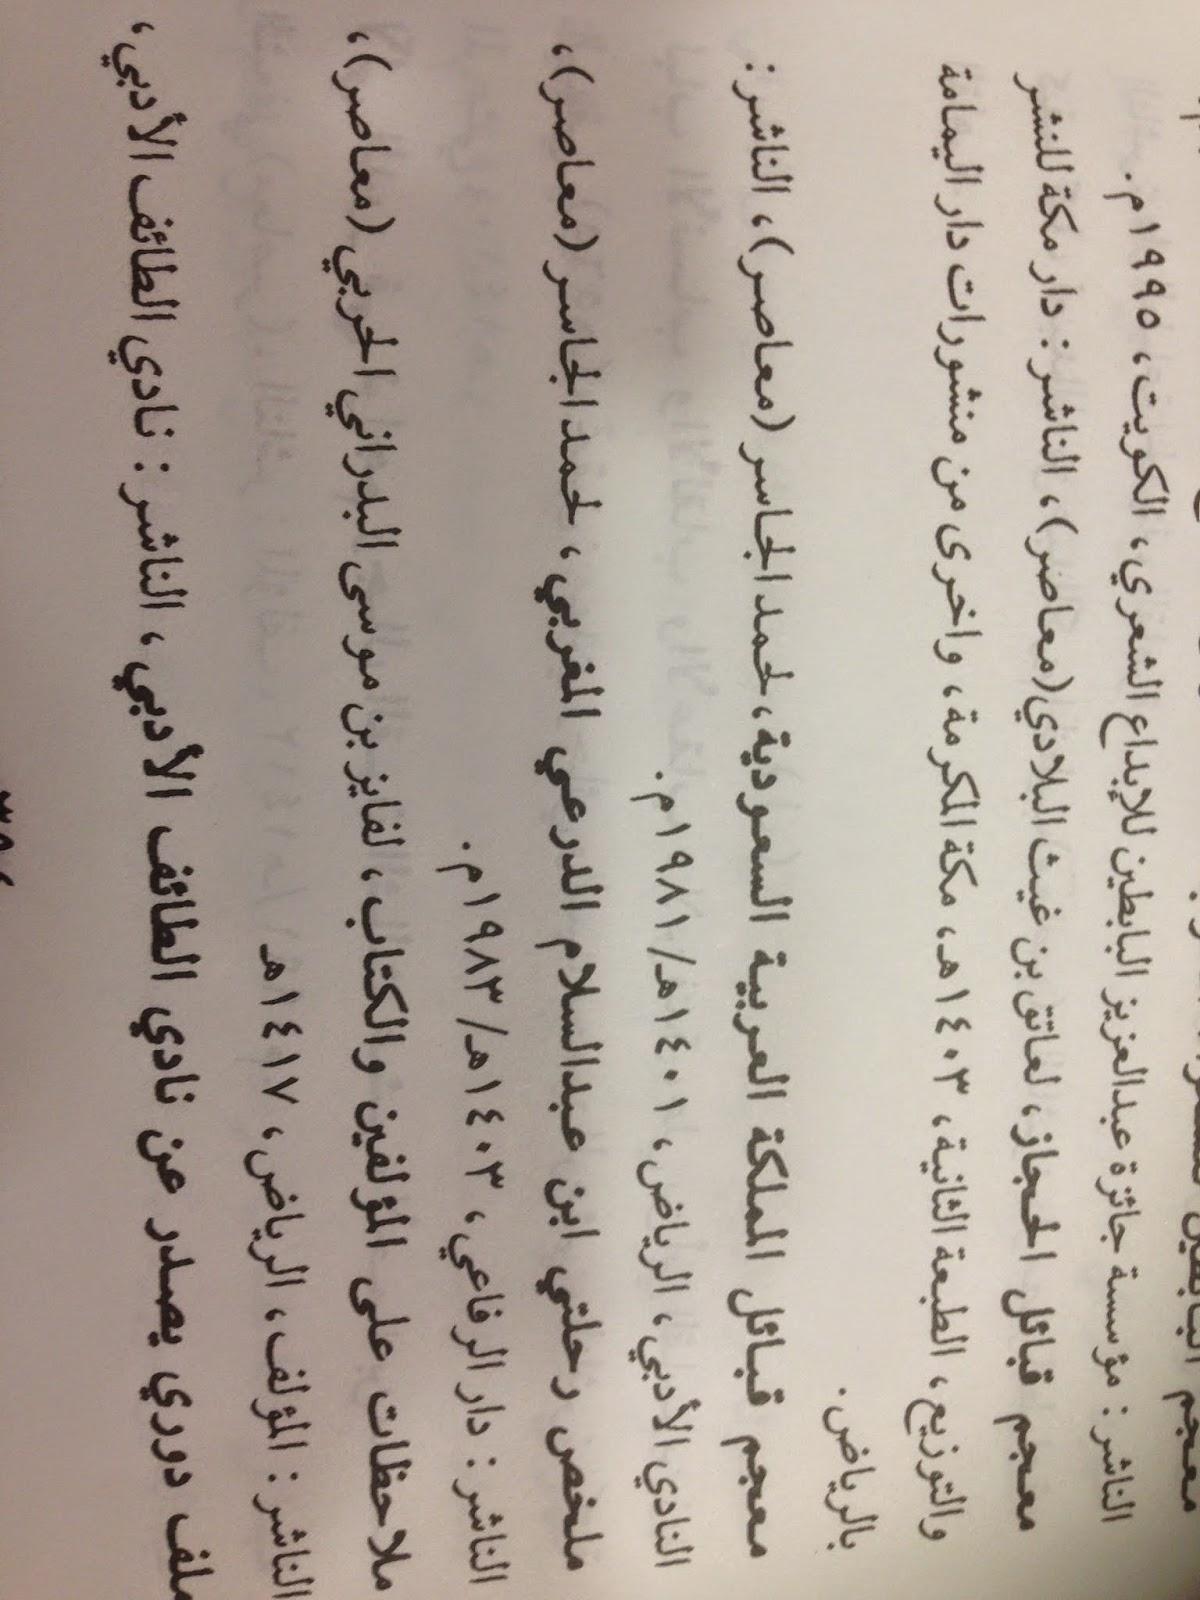 تحميل كتاب معجم قبائل الحجاز للبلادي